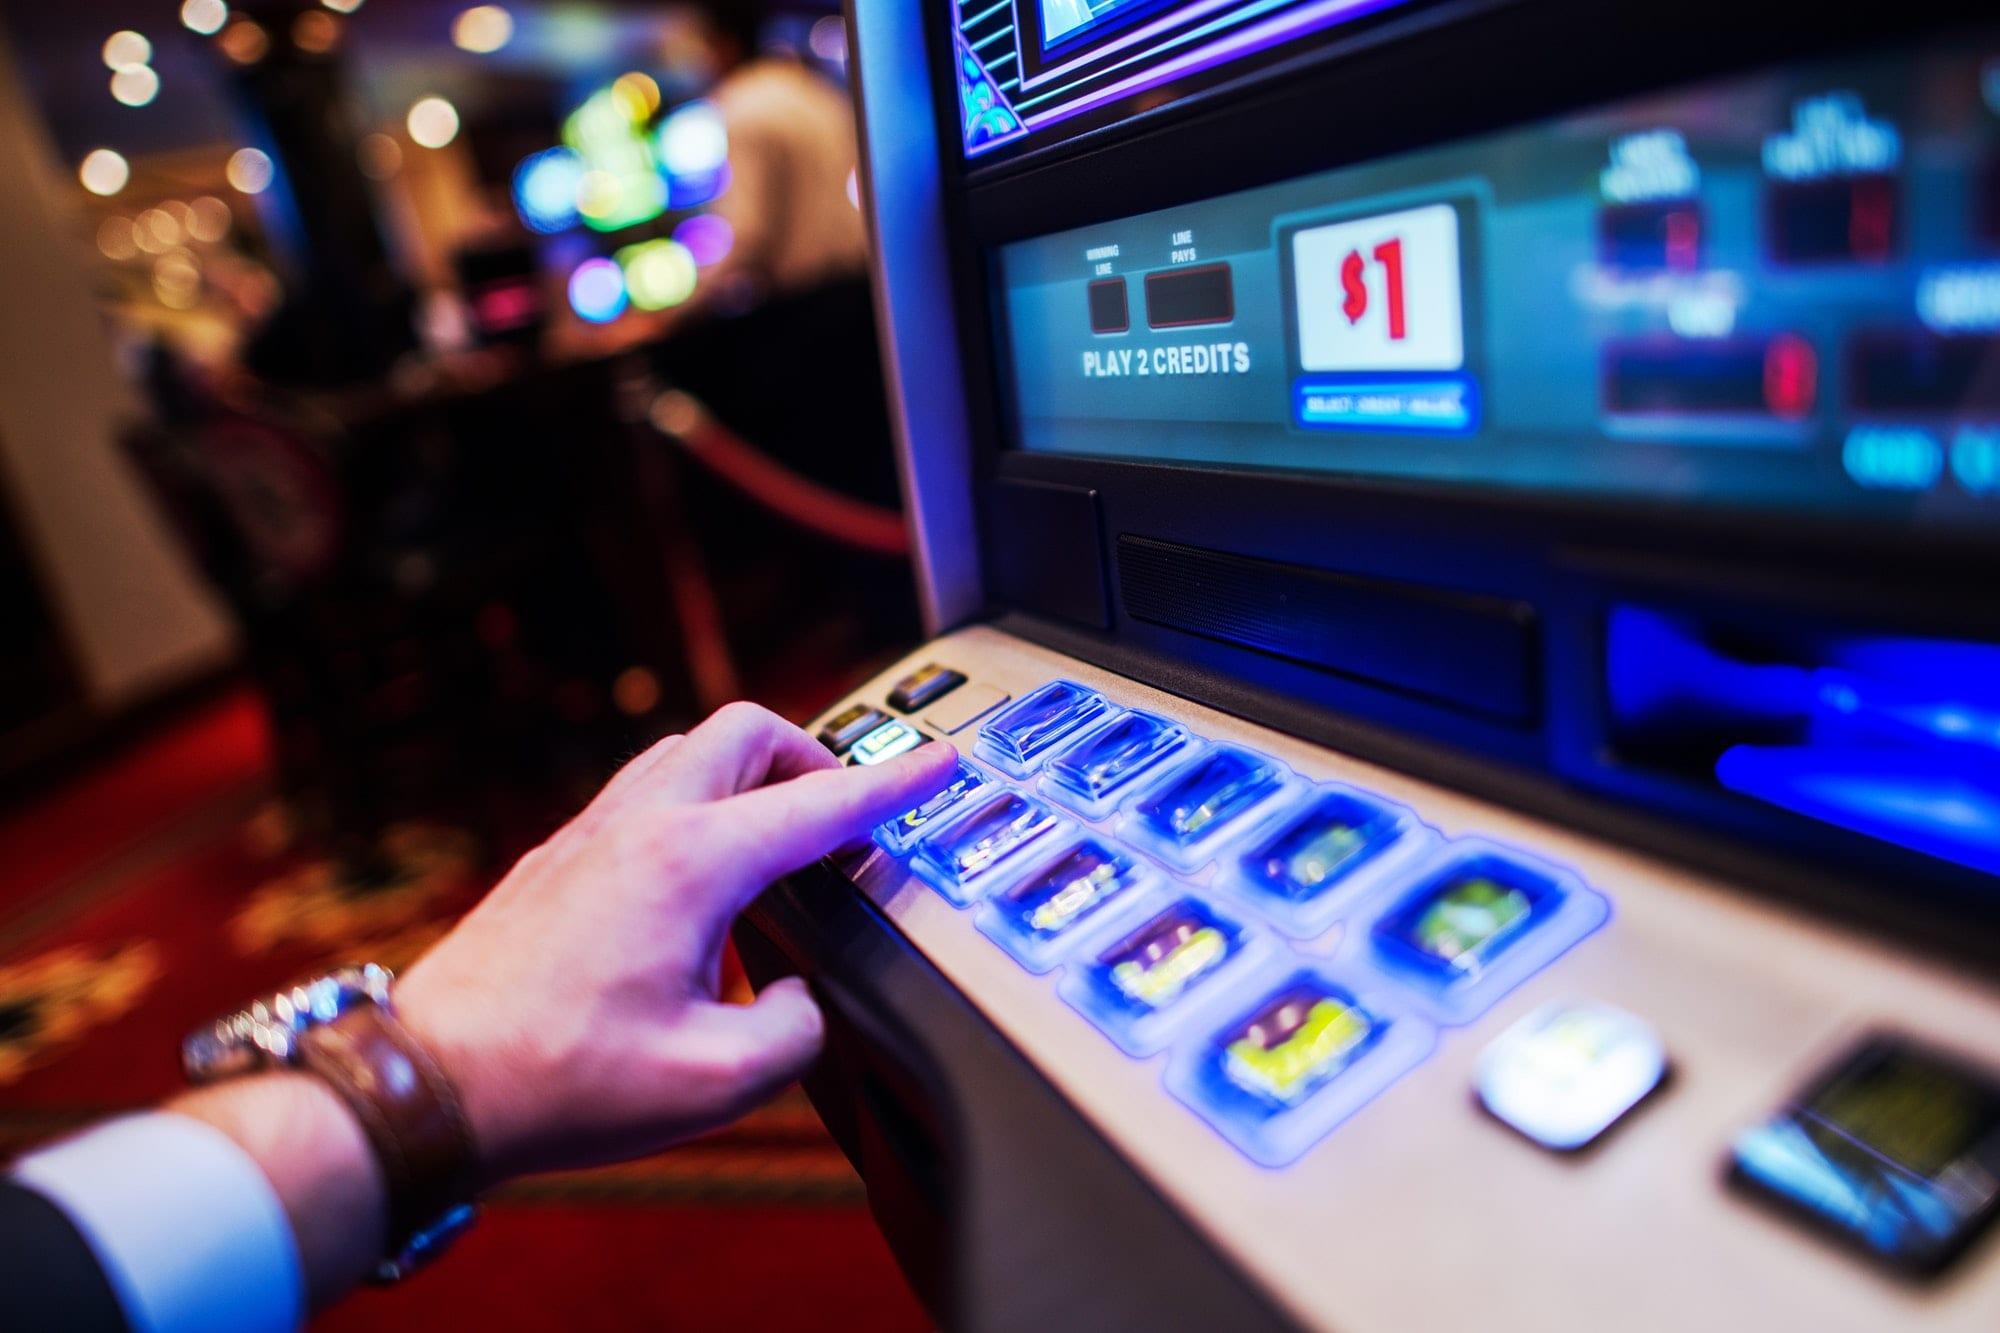 Men Playing Slot Machine